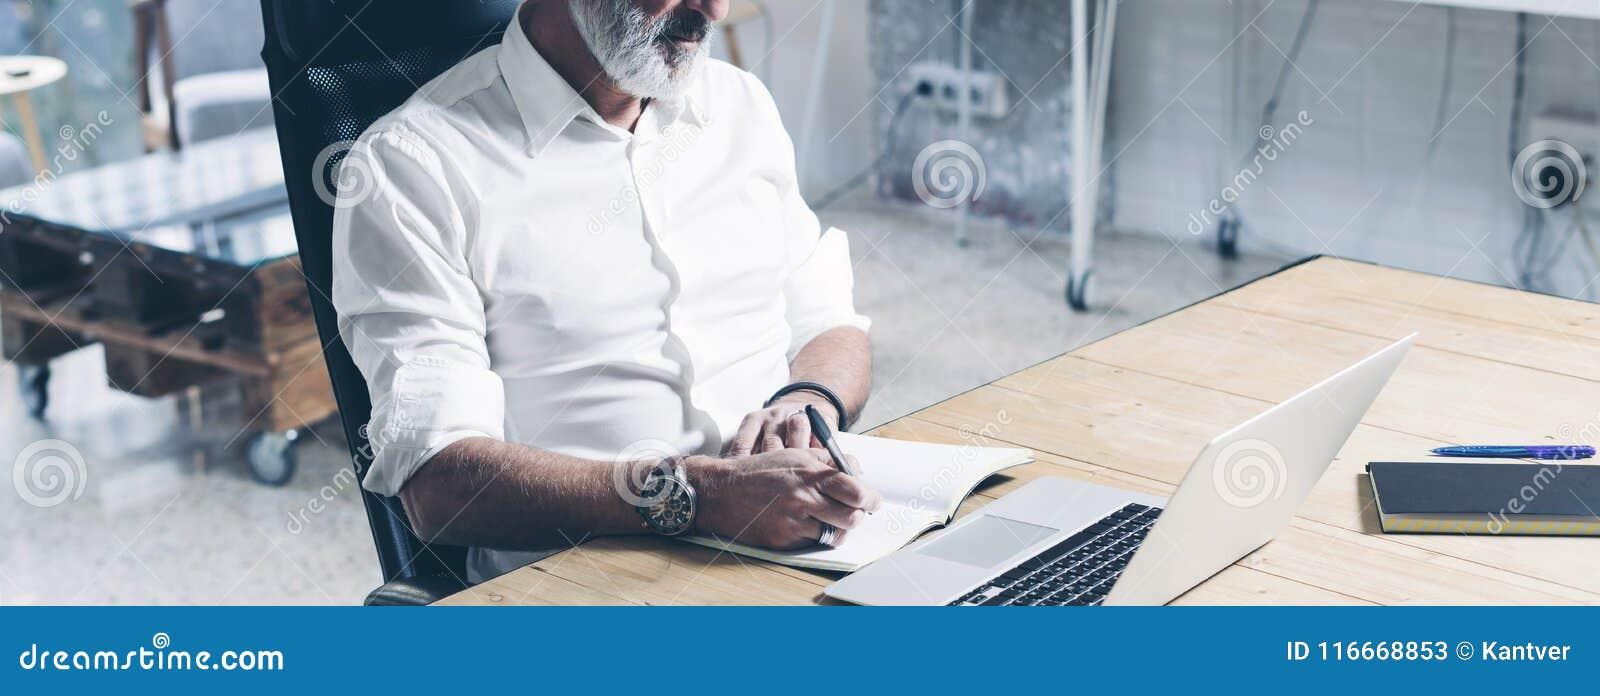 Attraktiver und vertraulicher erwachsener Geschäftsmann unter Verwendung der mobilen Laptop-Computers beim Arbeiten am Holztisch